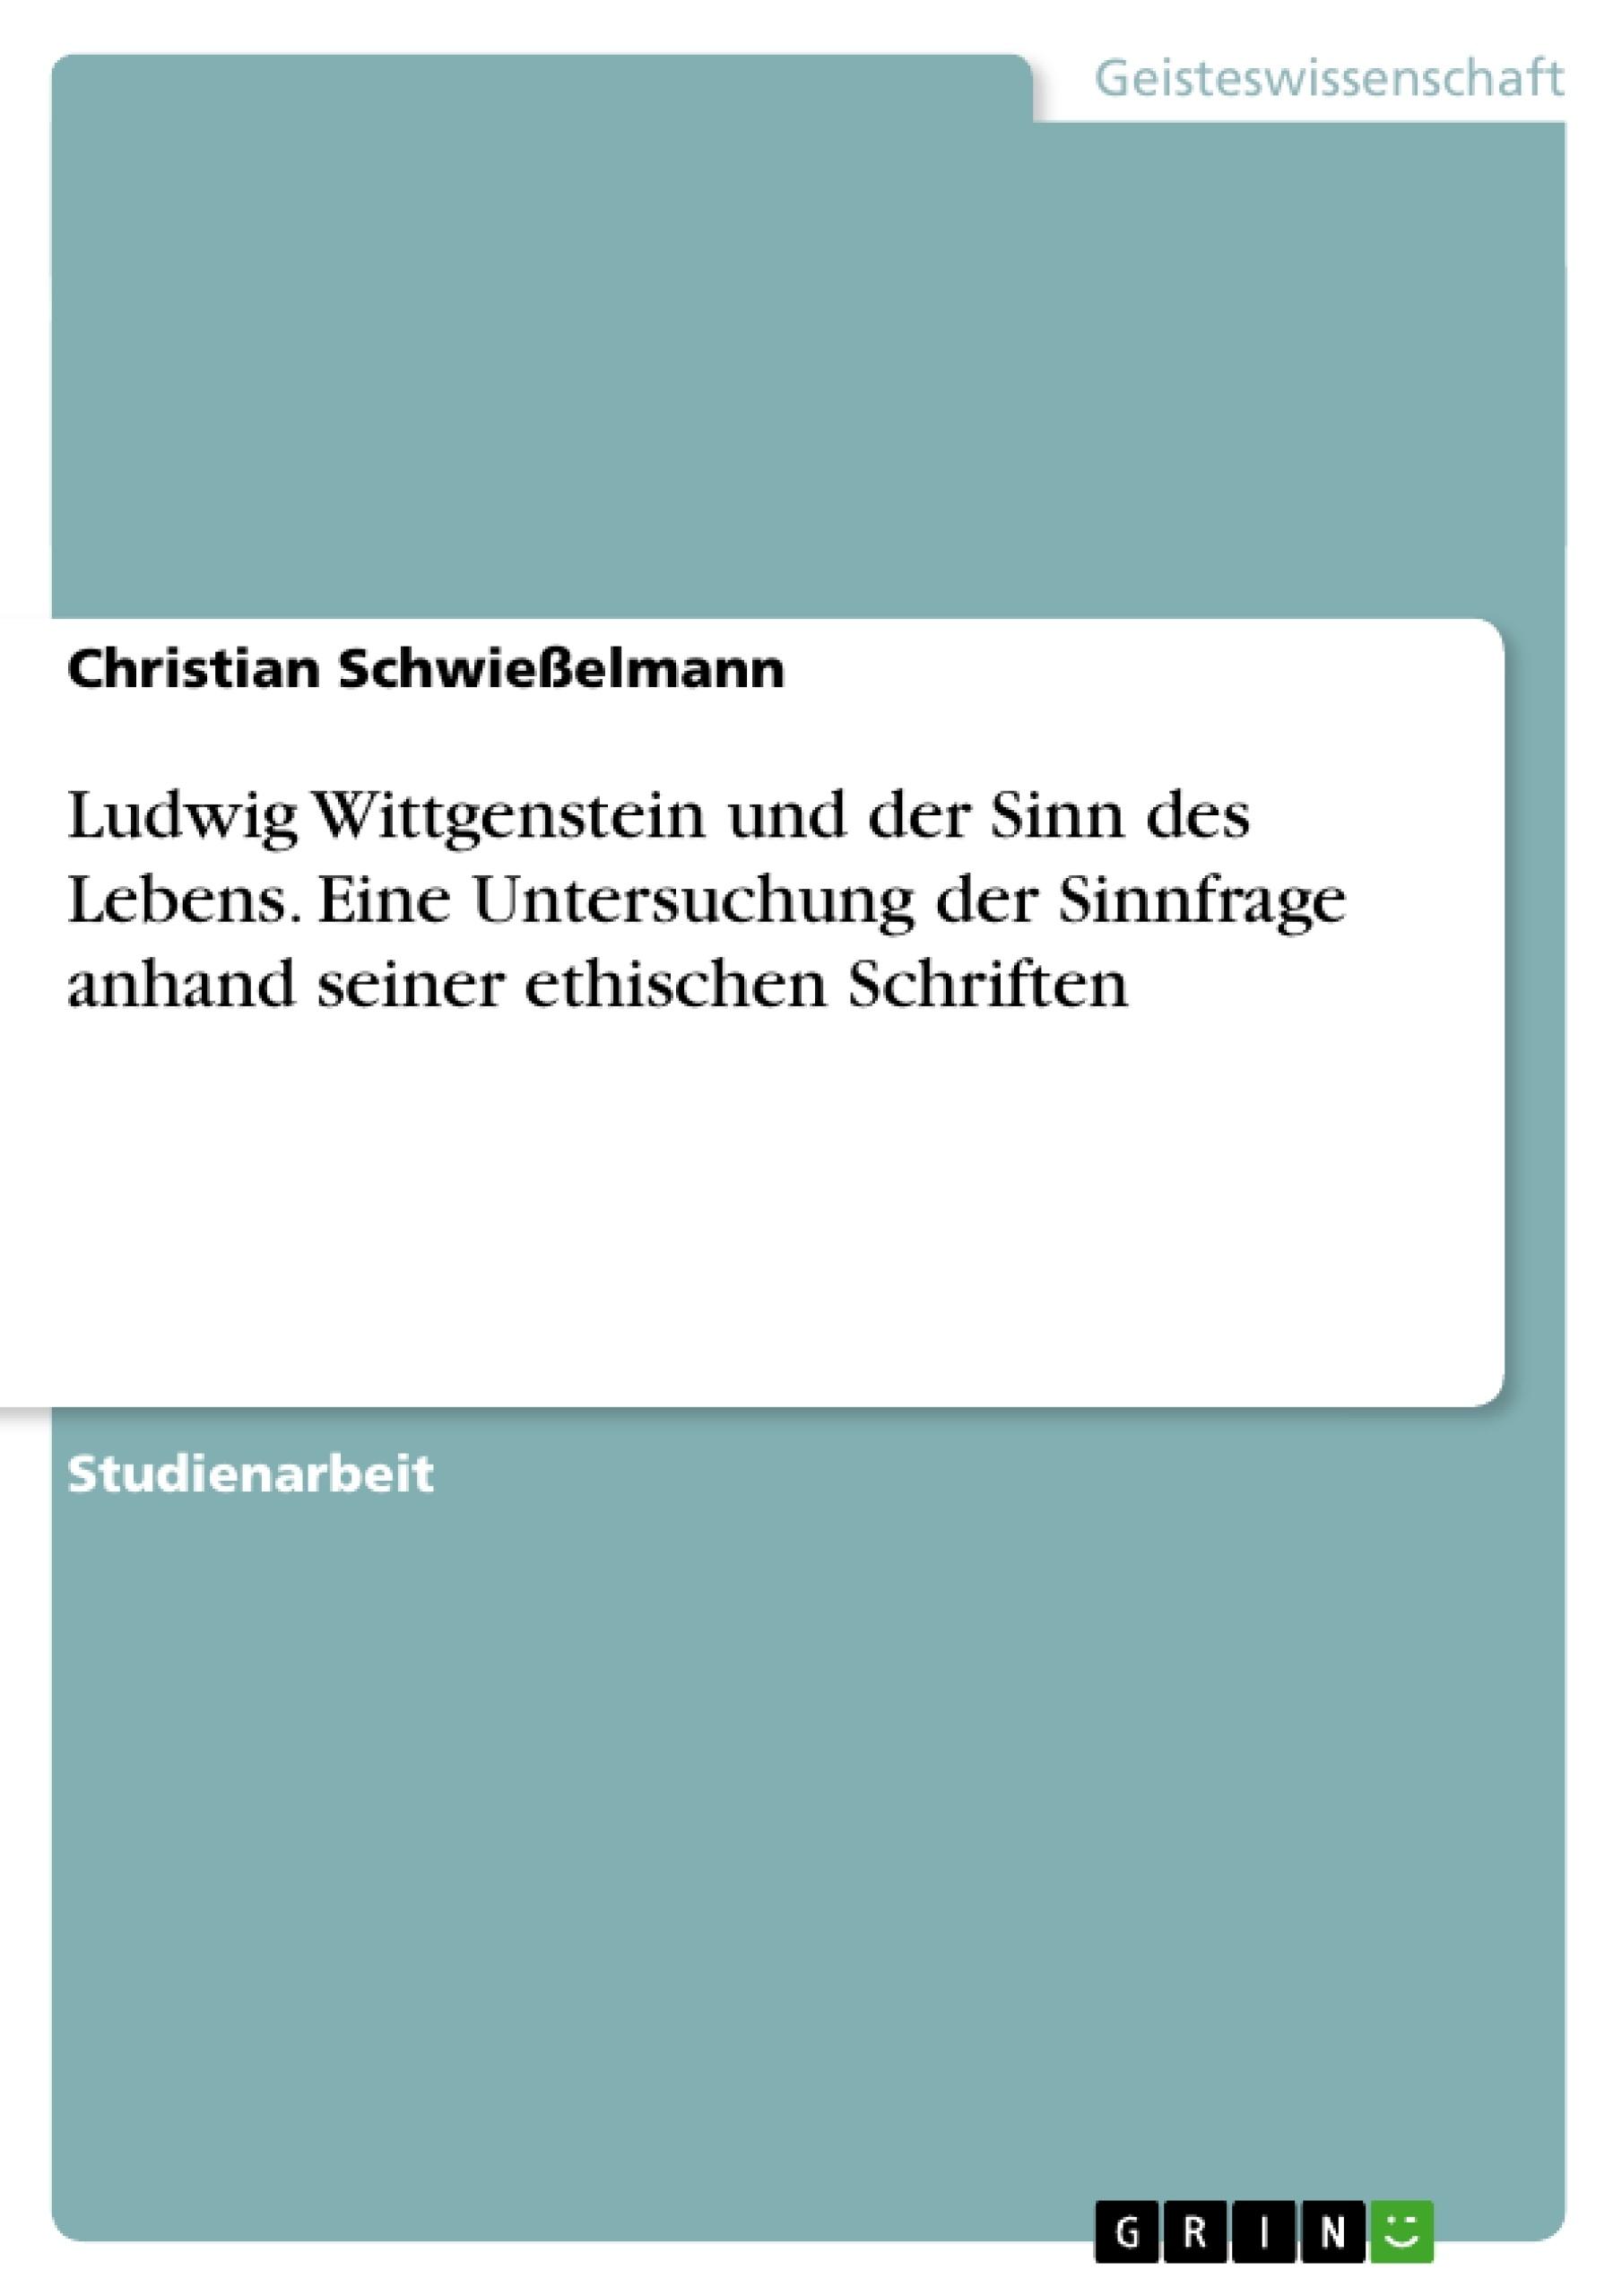 Titel: Ludwig Wittgenstein und der Sinn des Lebens. Eine Untersuchung  der Sinnfrage anhand seiner ethischen Schriften